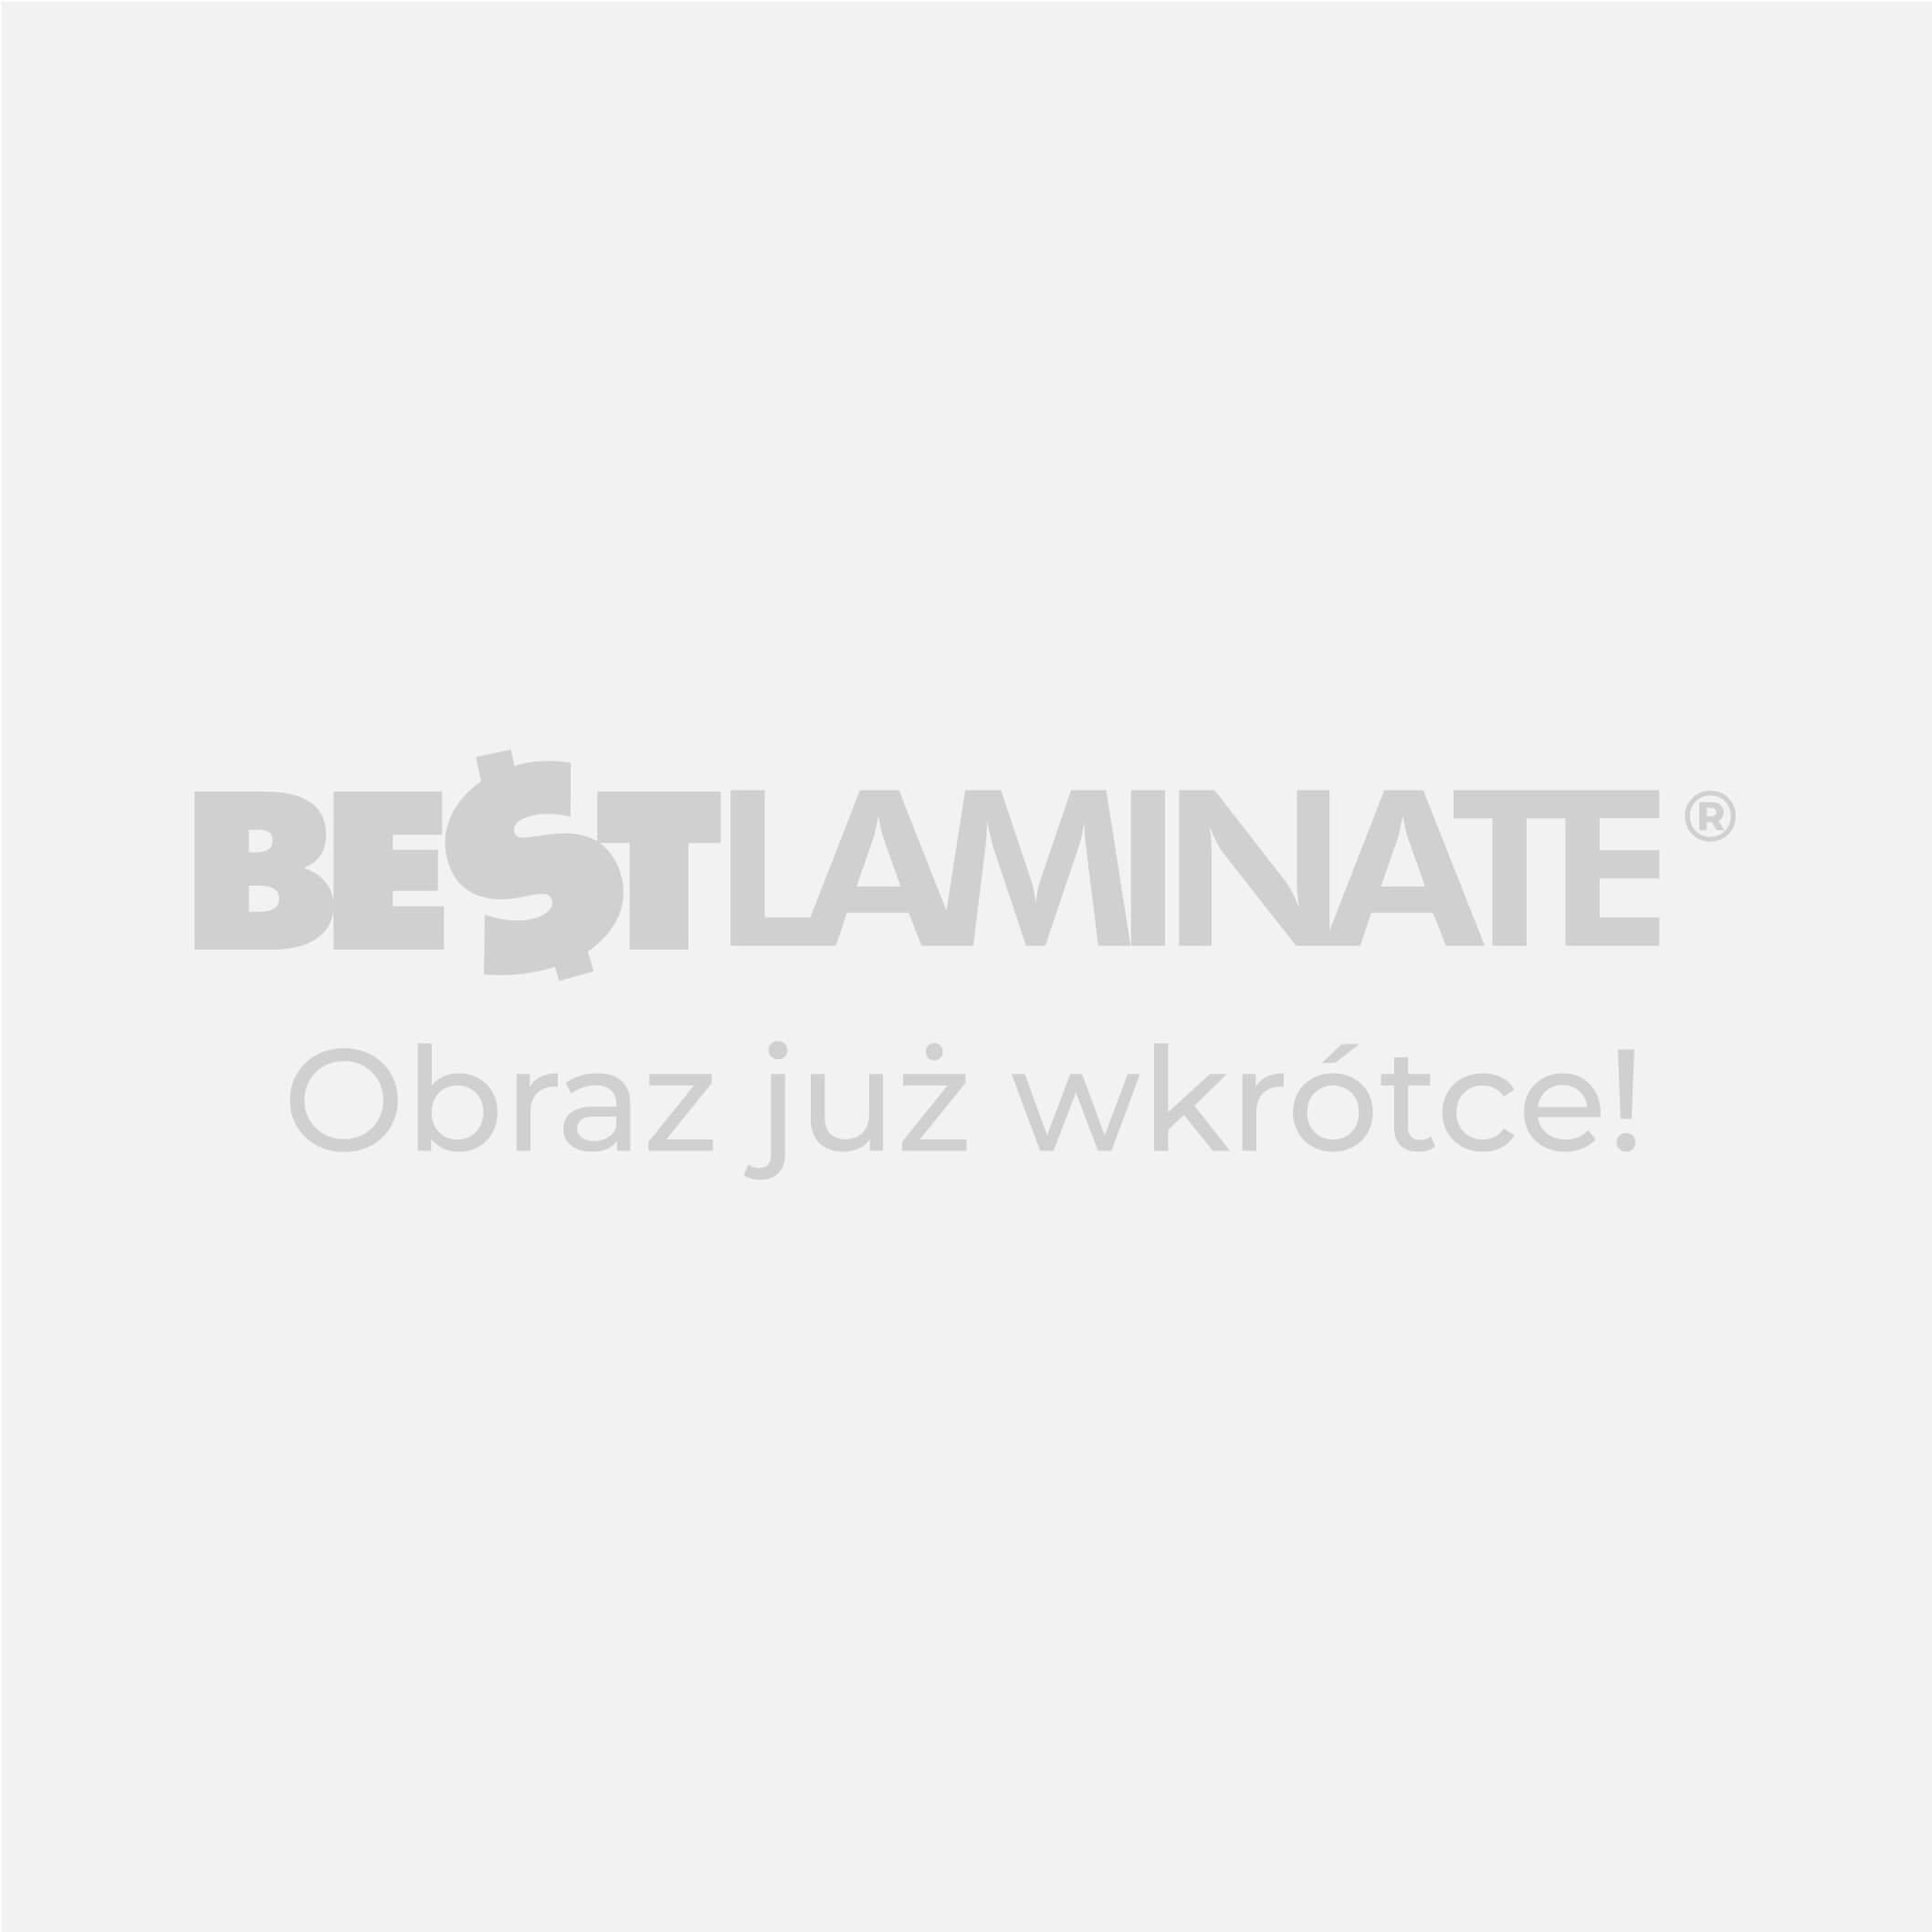 Ćwierćwałek listwa przypodłogowa przyścienna PCV - Bestlaminate Livanti - Dąb Wielokolorowy